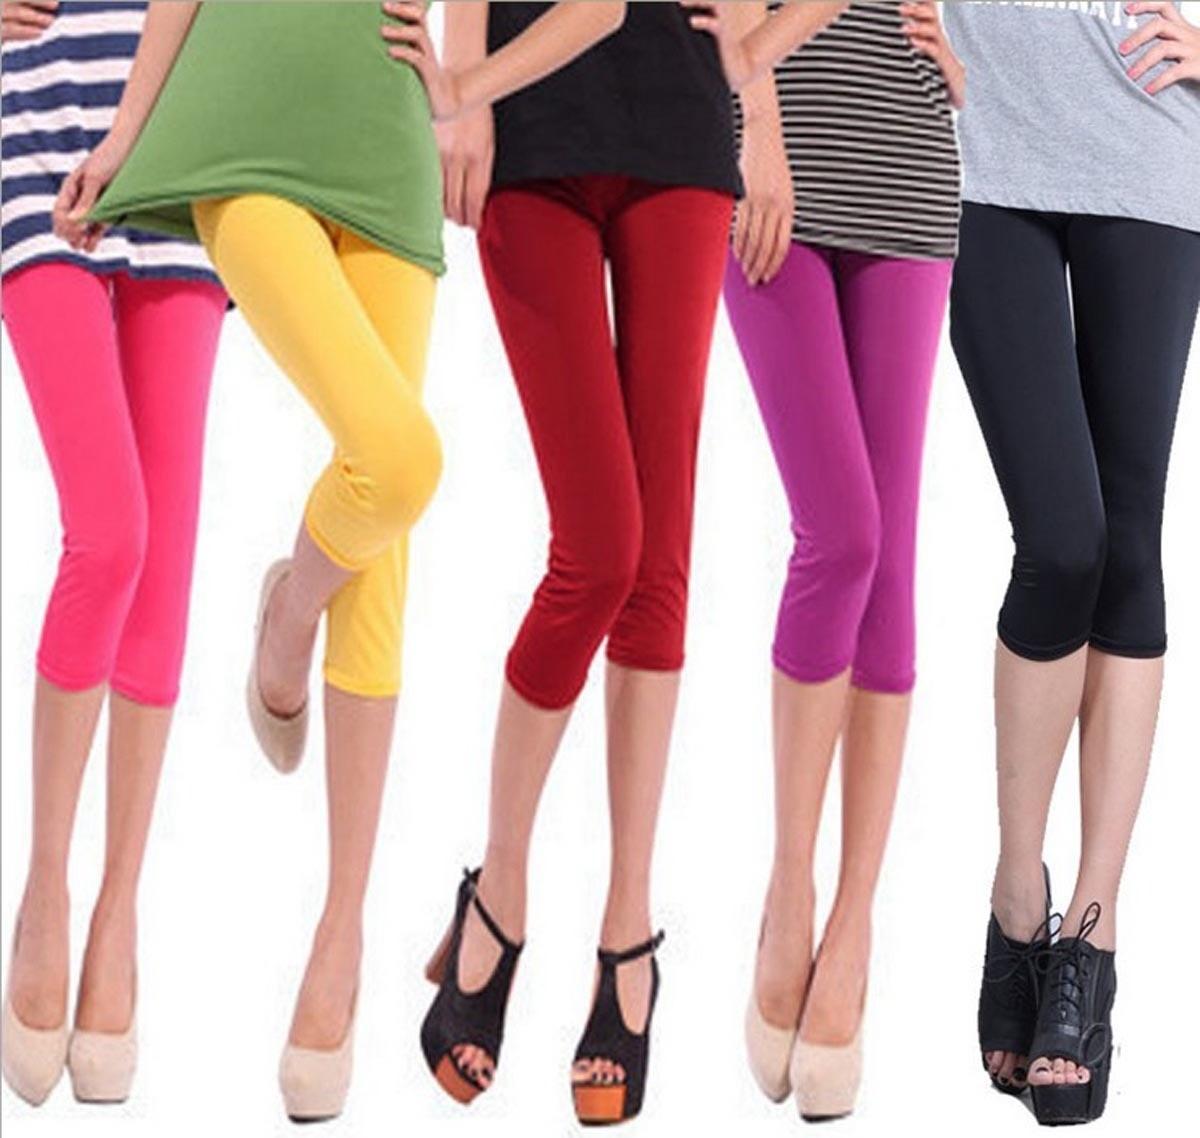 51d4c9c37 Lindos Y Sexys Leggings Cortos De Varios Colores - $ 175.00 en ...